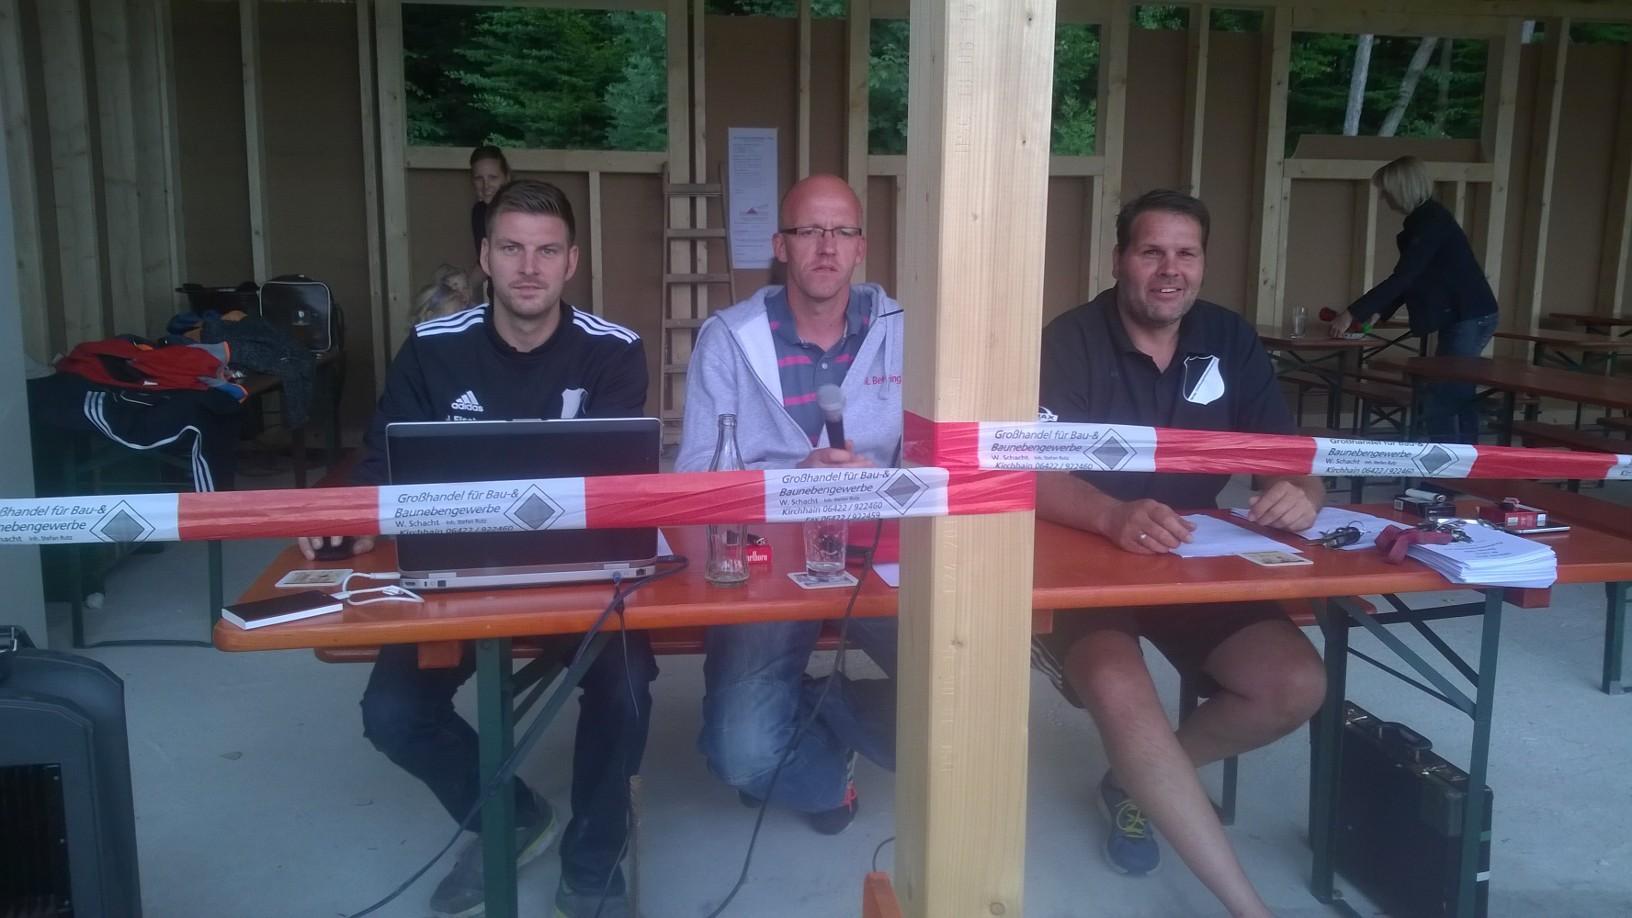 Die Turnierleitung Johannes, Lars und Dieter